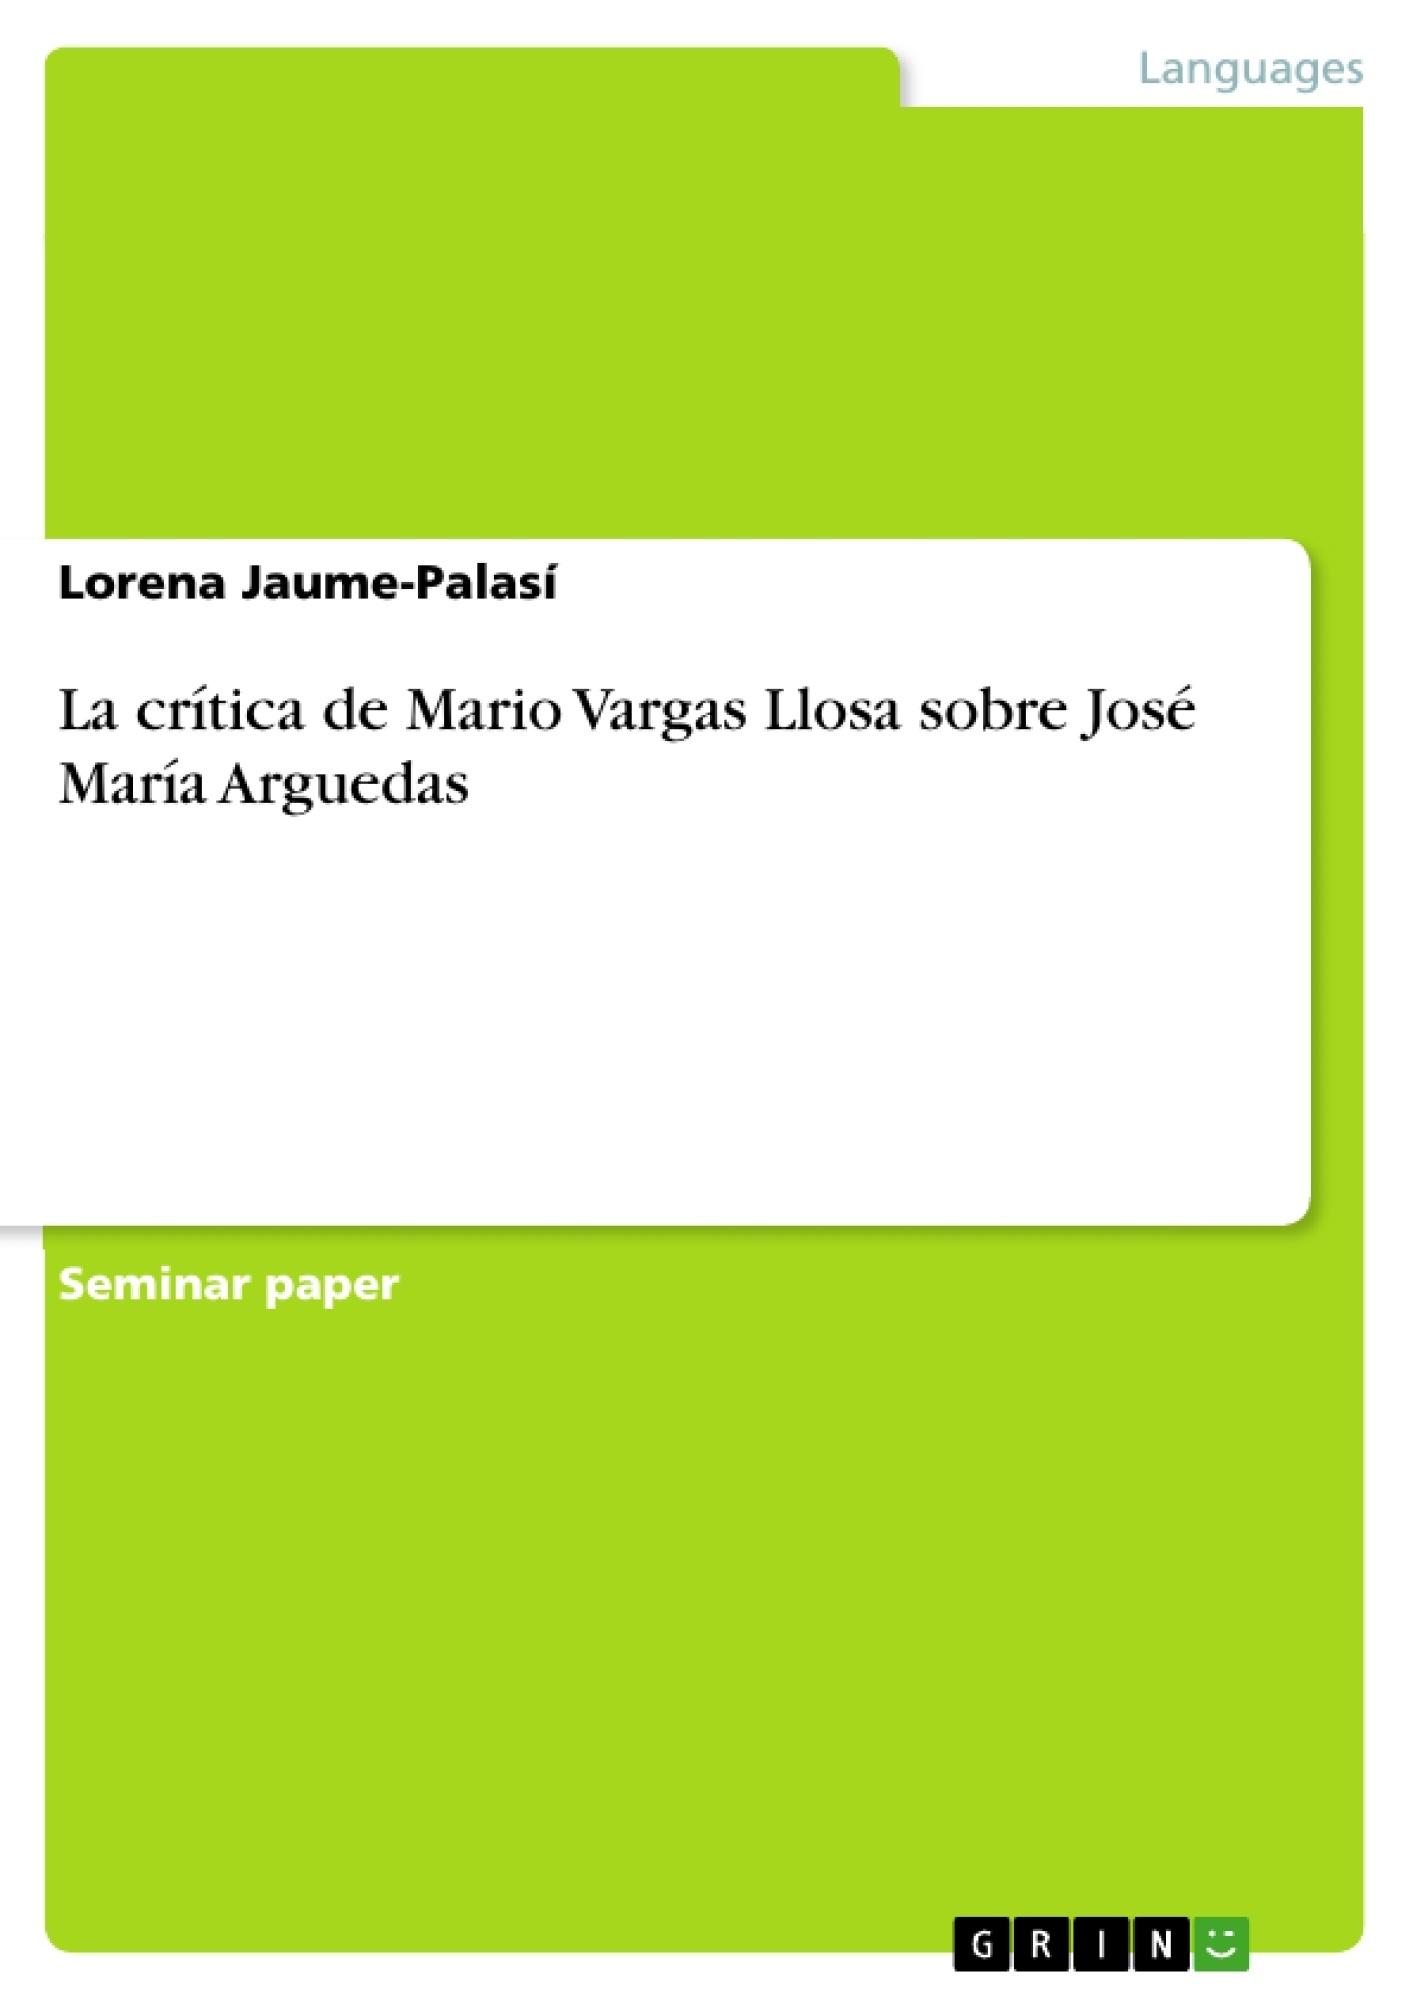 Título: La crítica de Mario Vargas Llosa sobre José María Arguedas